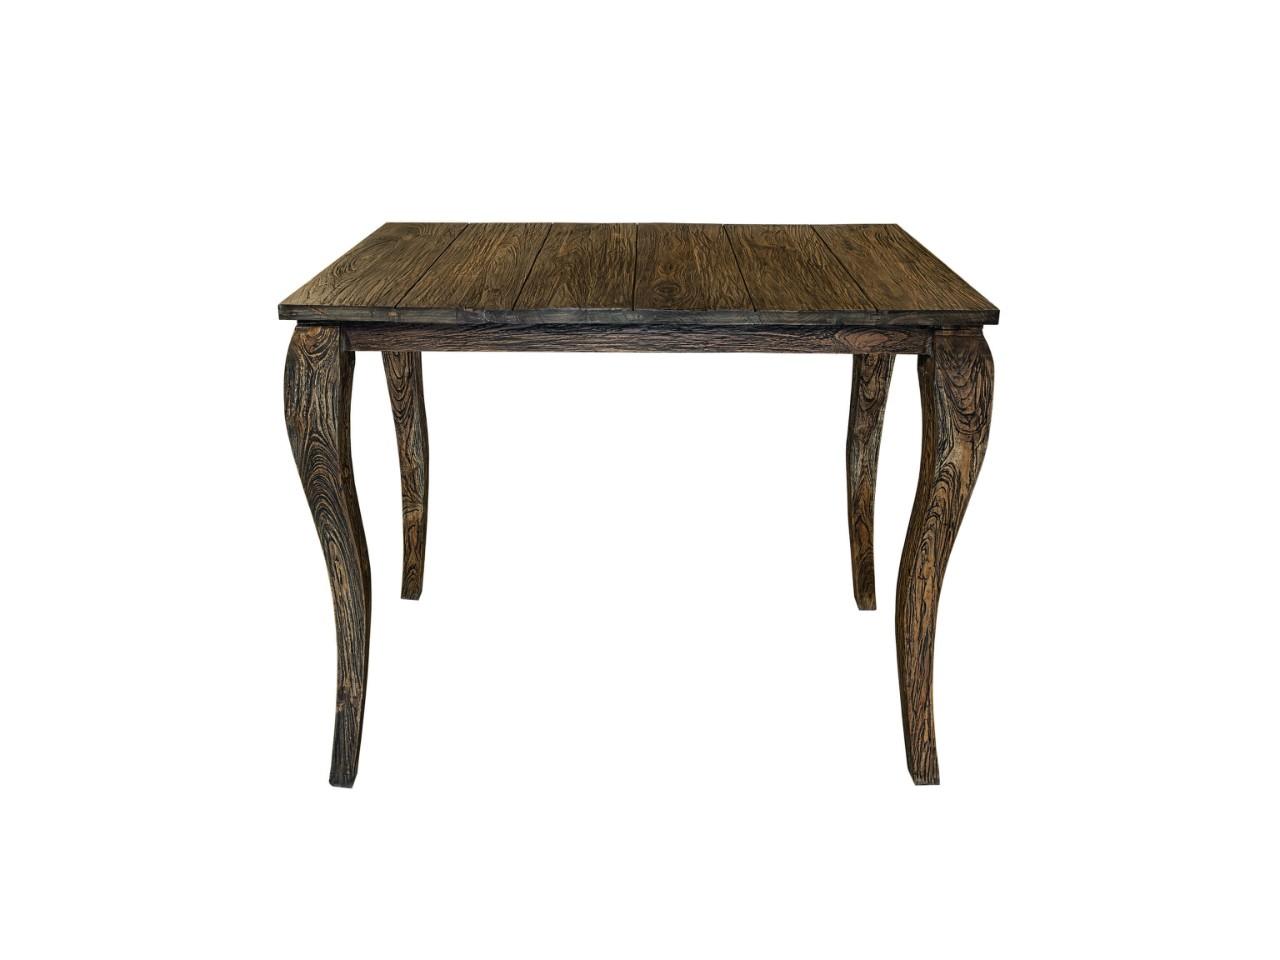 Стол барный AvignonБарные столы<br>Несмотря на некую брутальность и, казалось бы, простую отделку, этот стол смотрится очень стильно и аккуратно. Он изготовлен исключительно из натурального дерева. Этот стол отлично справится со своей функцией, а благодаря высокому качеству, прослужит долгую и хорошую службу.<br><br>Material: Дерево<br>Width см: 130<br>Depth см: 71<br>Height см: 107